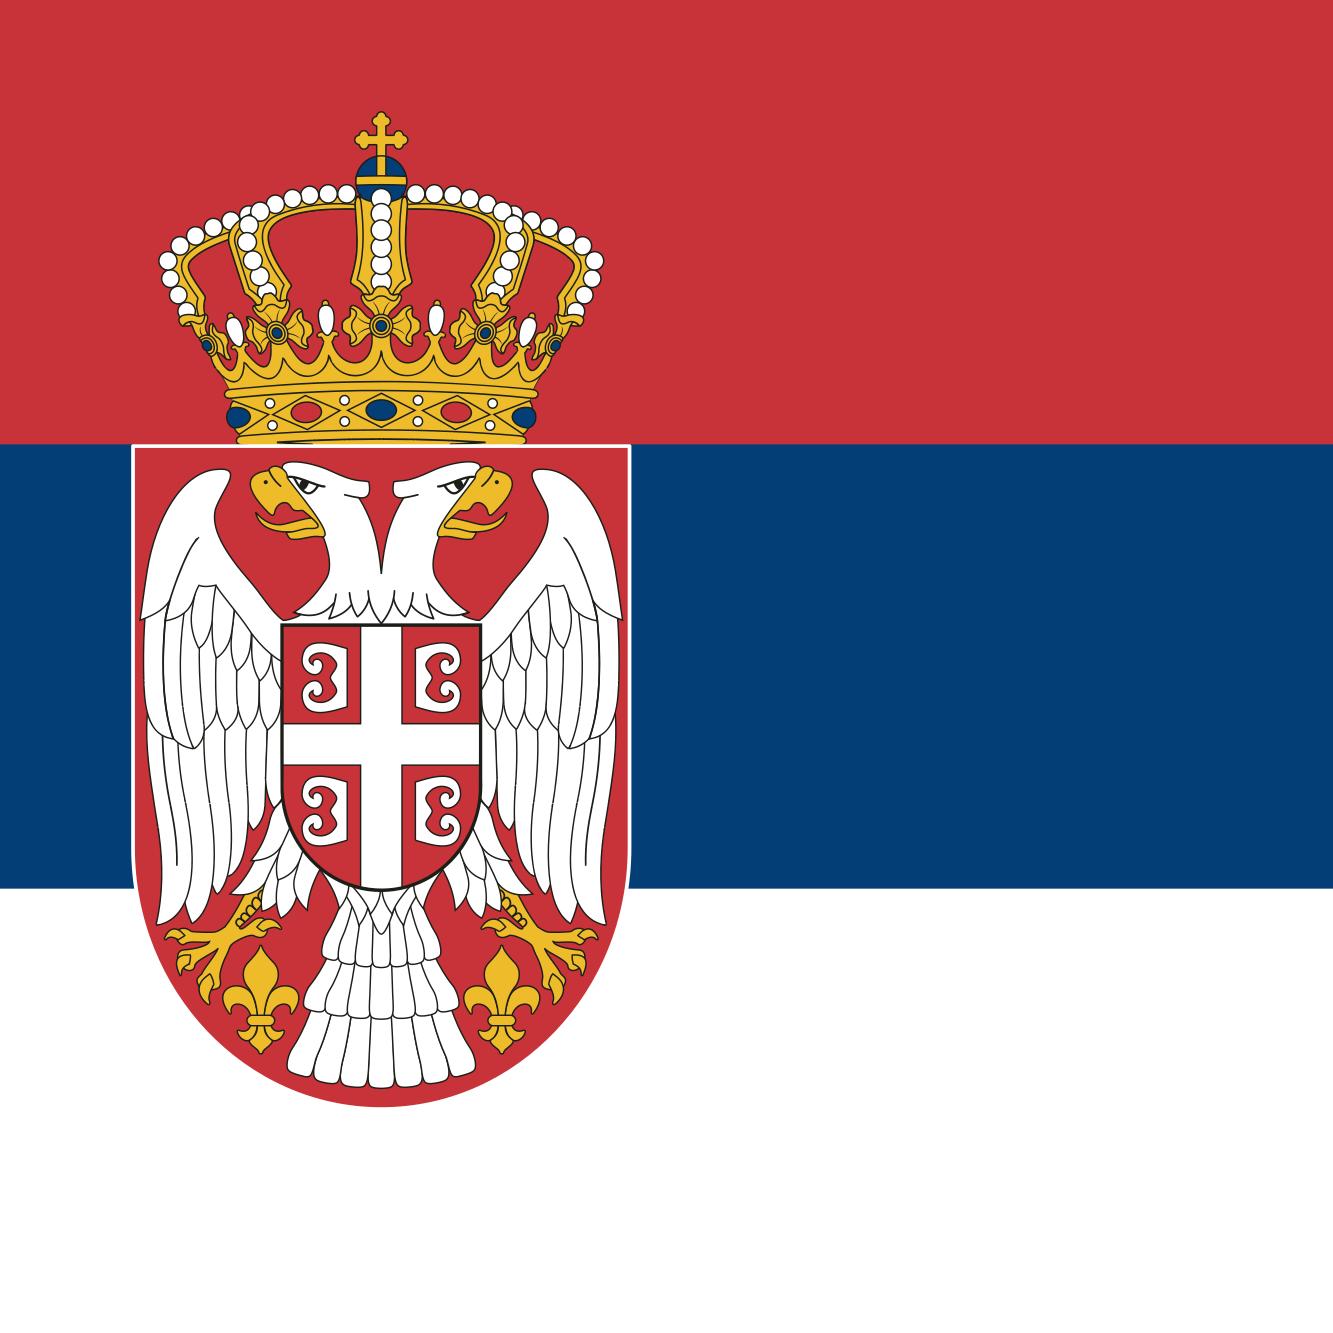 Mr Nikola Sarancic